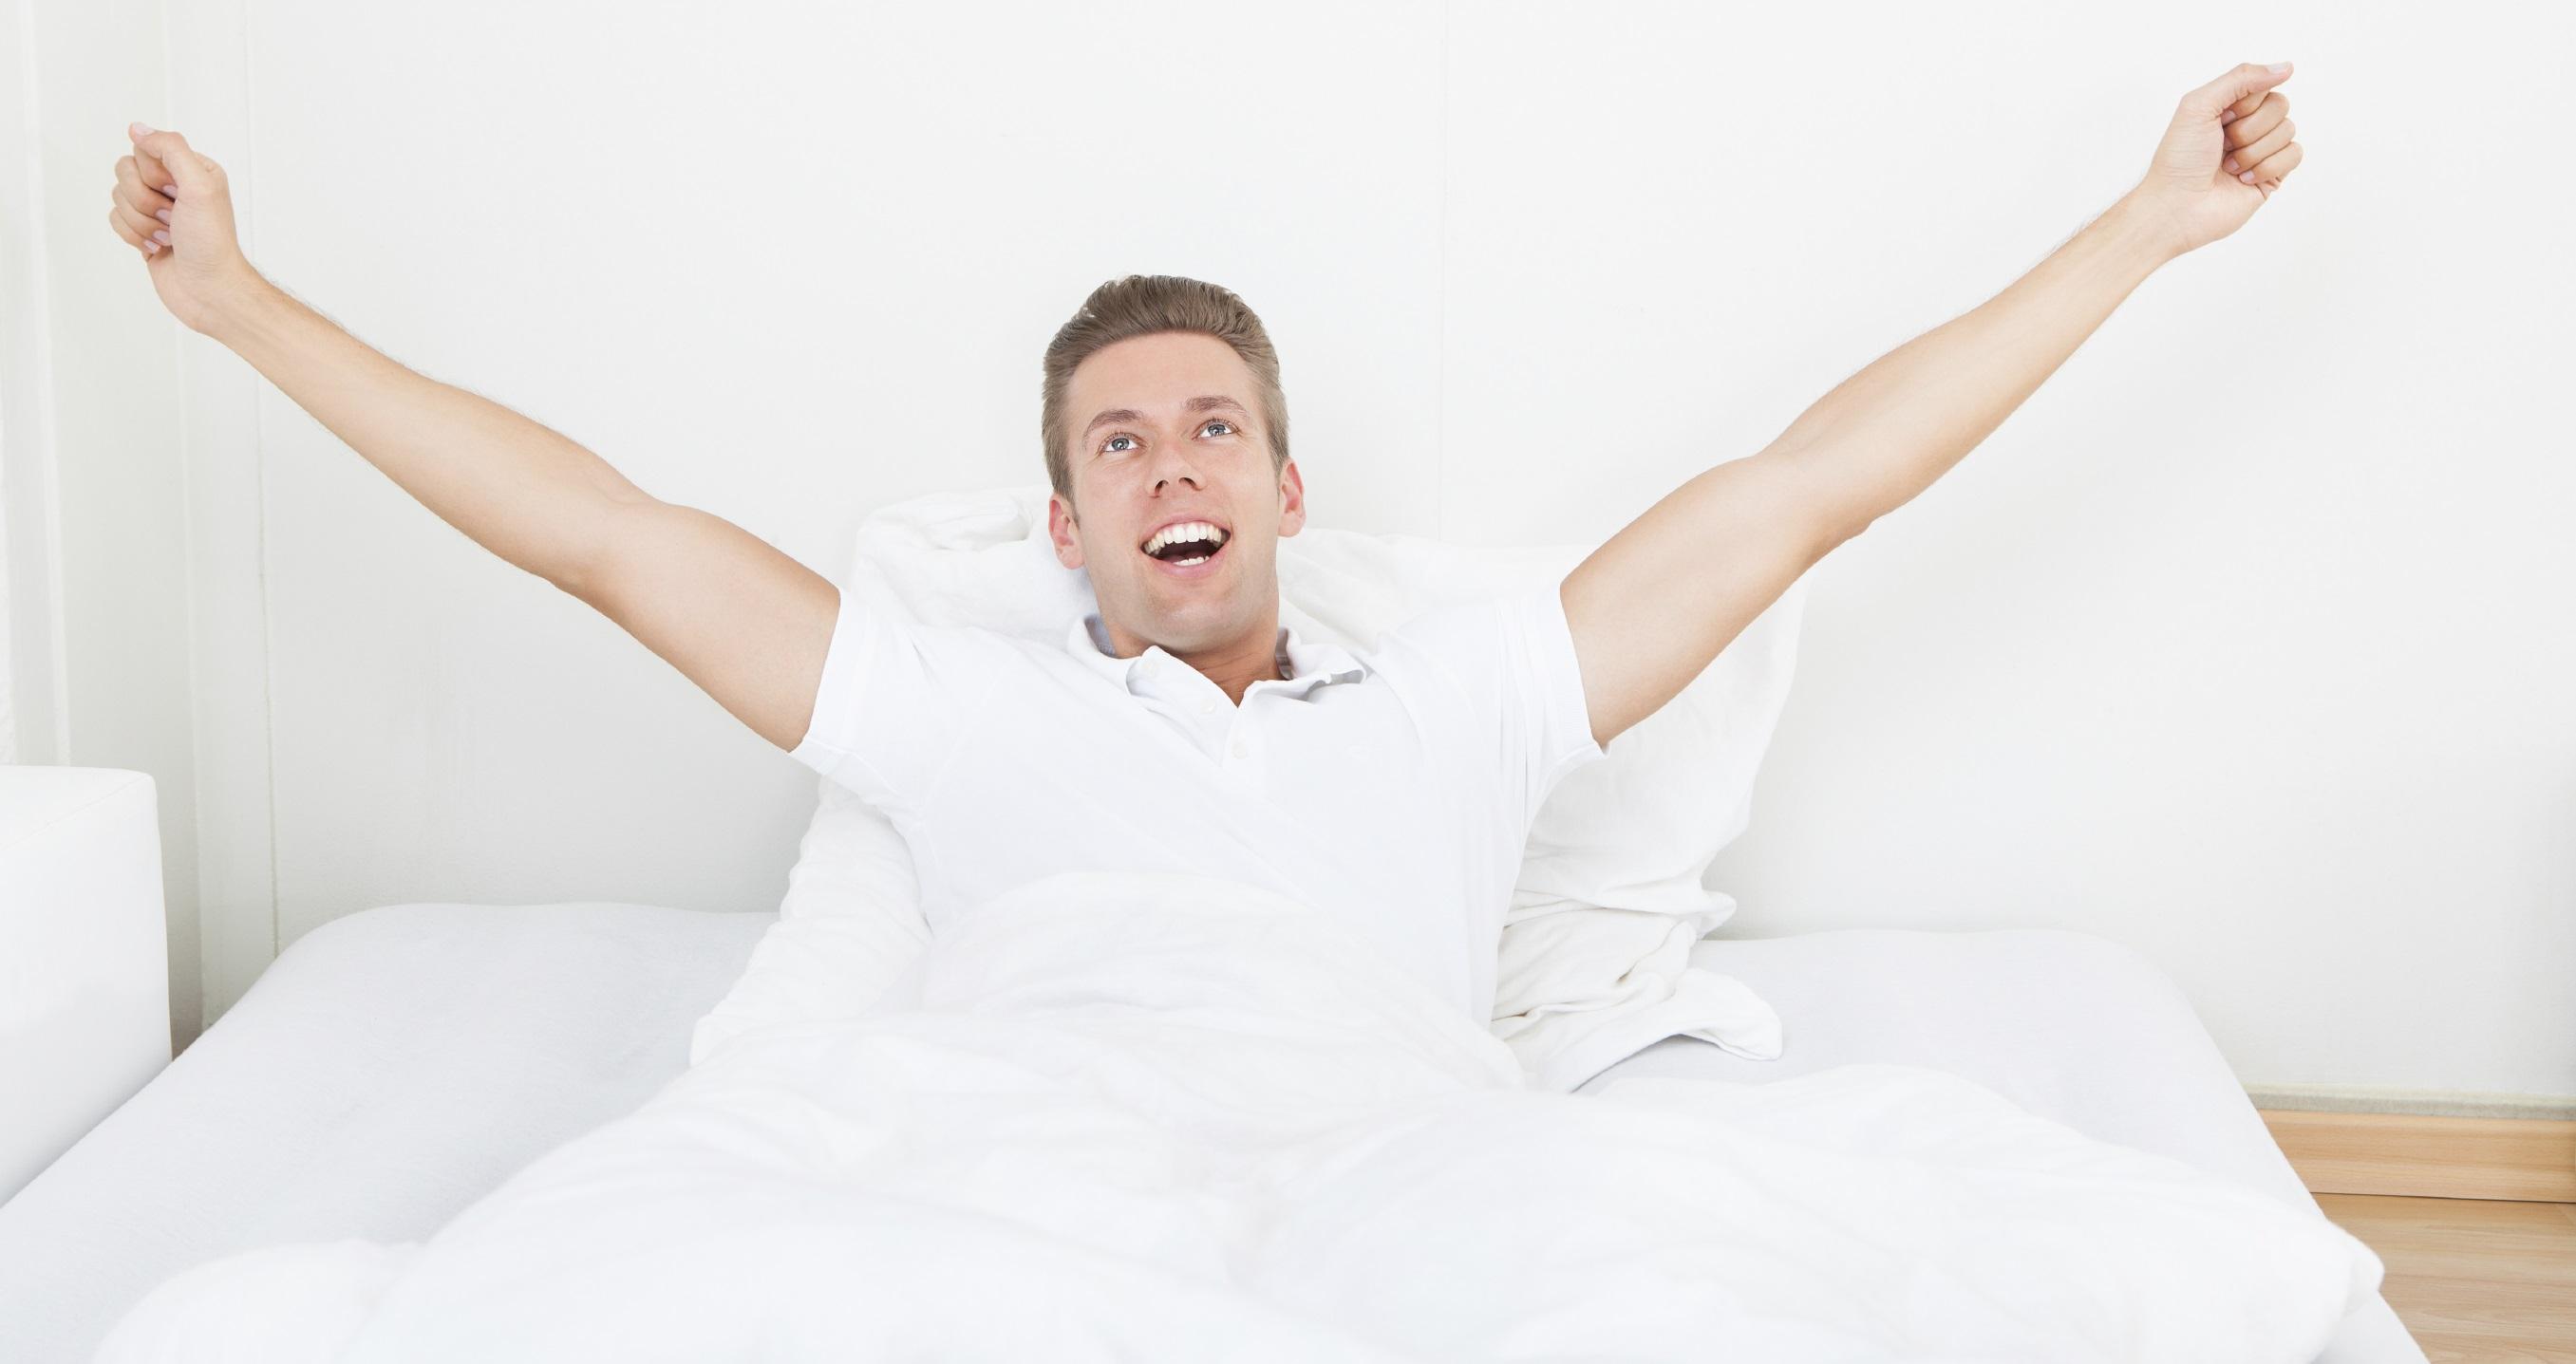 le sommeil - réveil - le matin - repos - inaction - sieste - assoupissement - somnolence